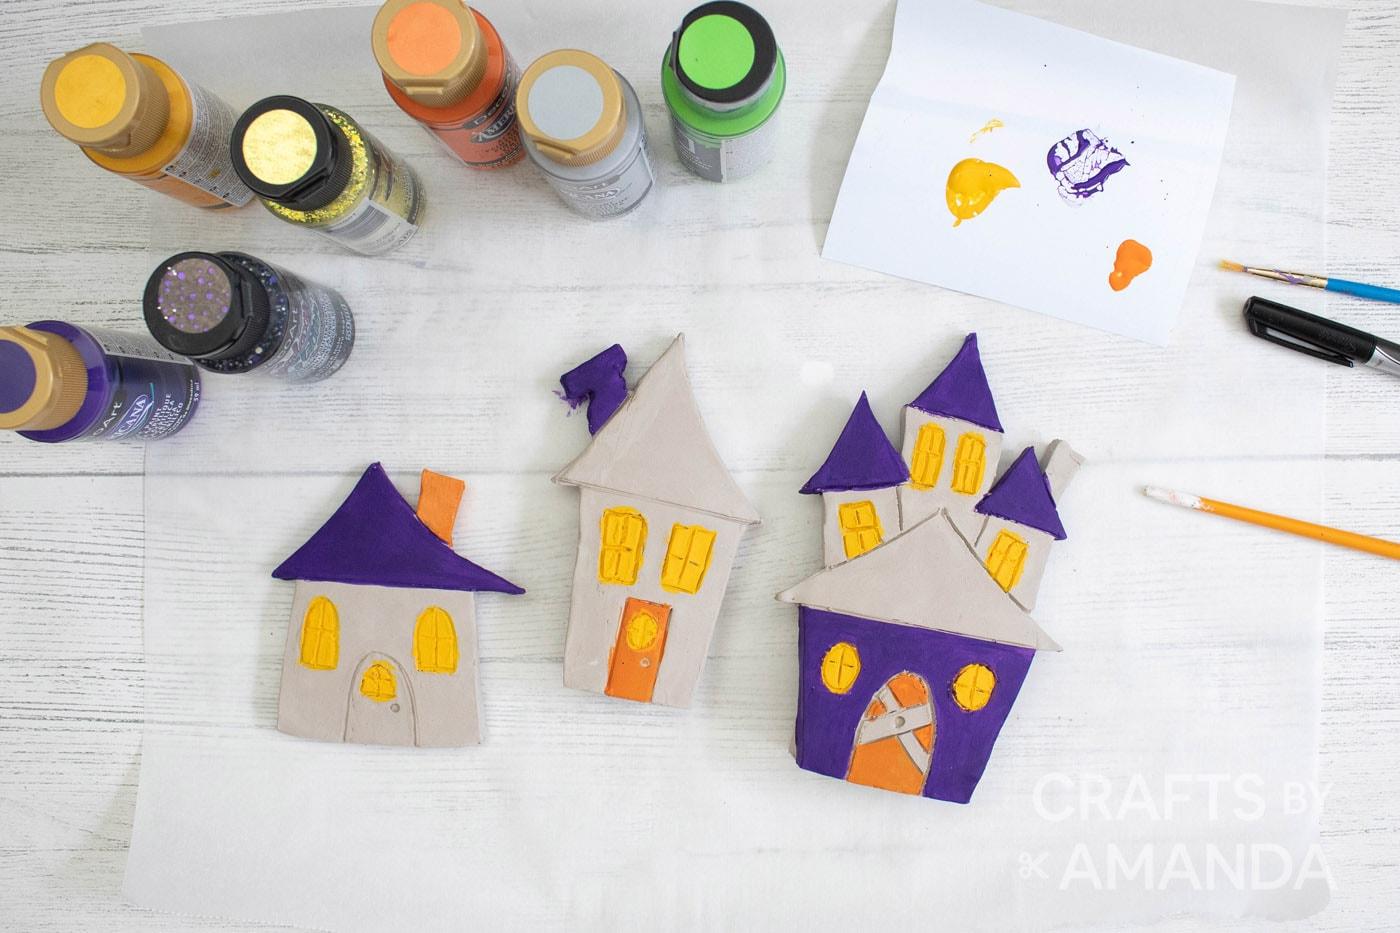 klei halloween dorp schilderen